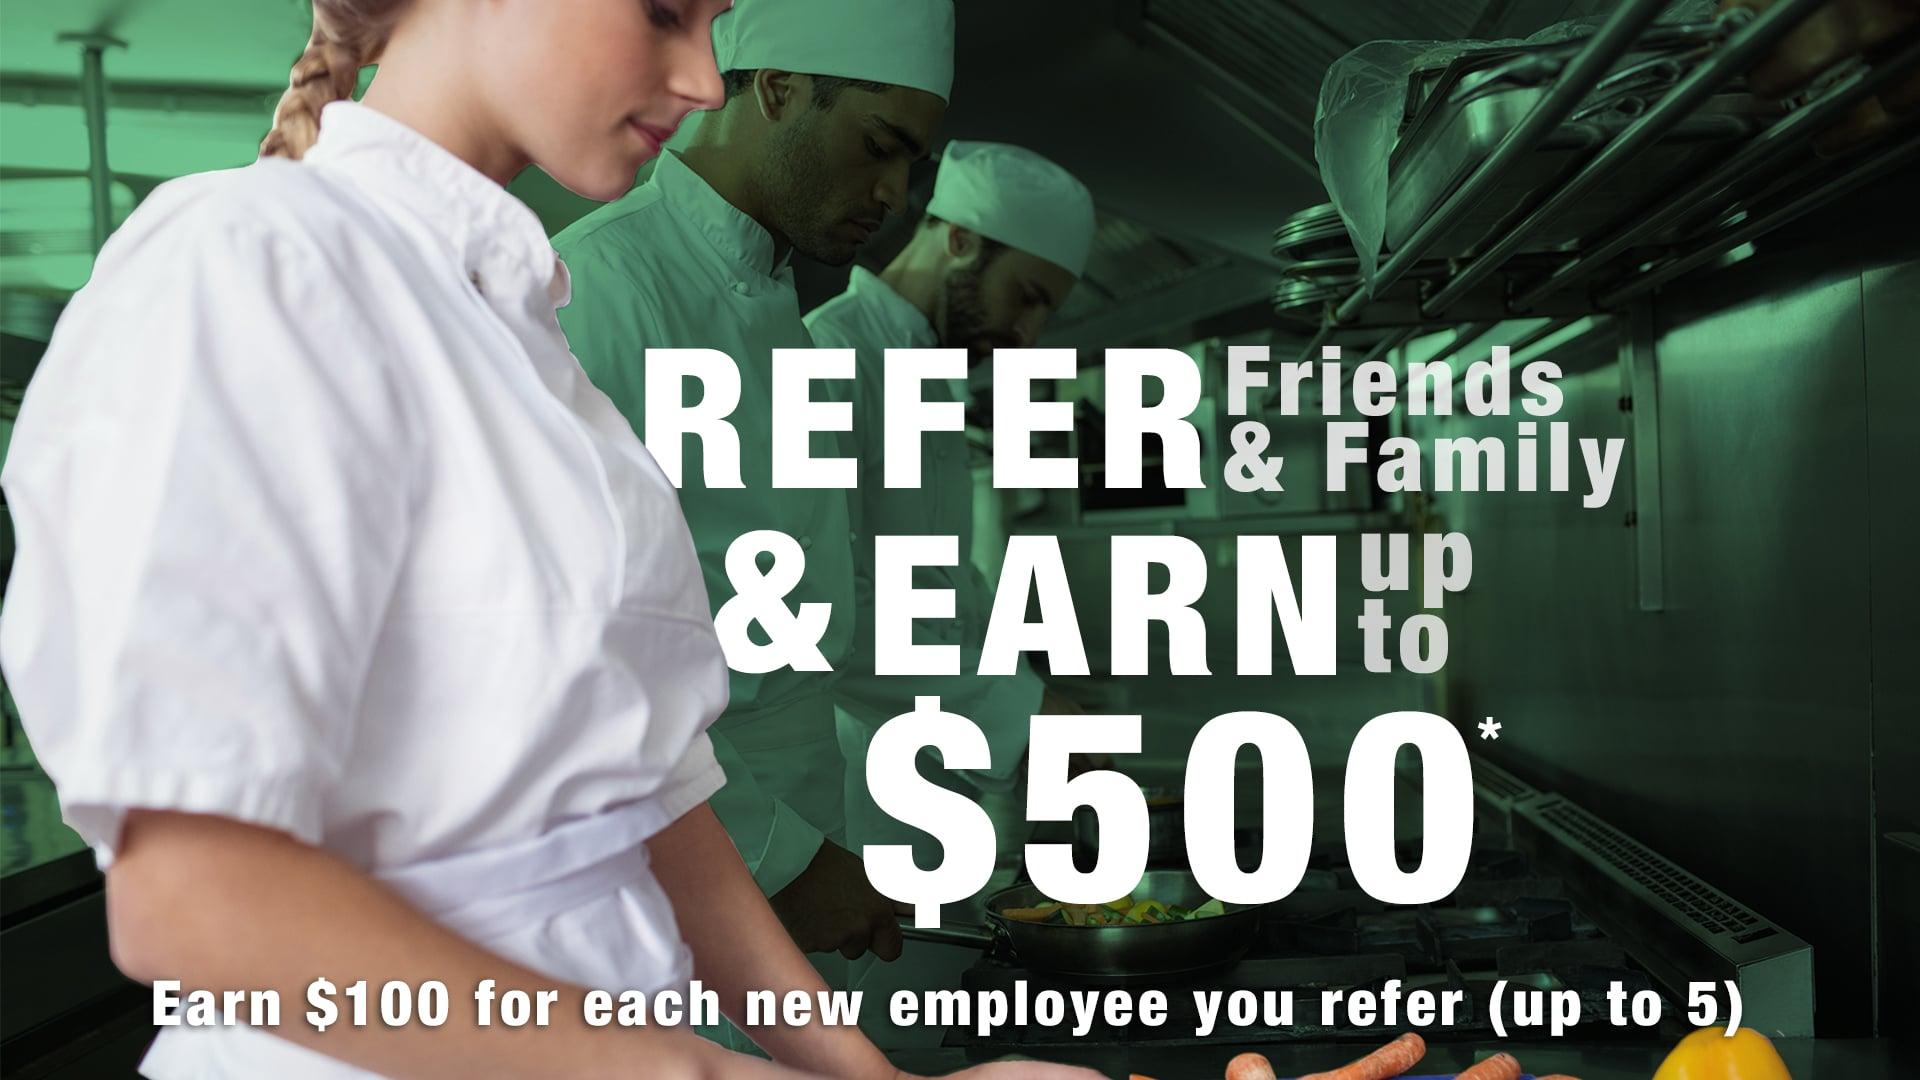 snapchef employee referral program